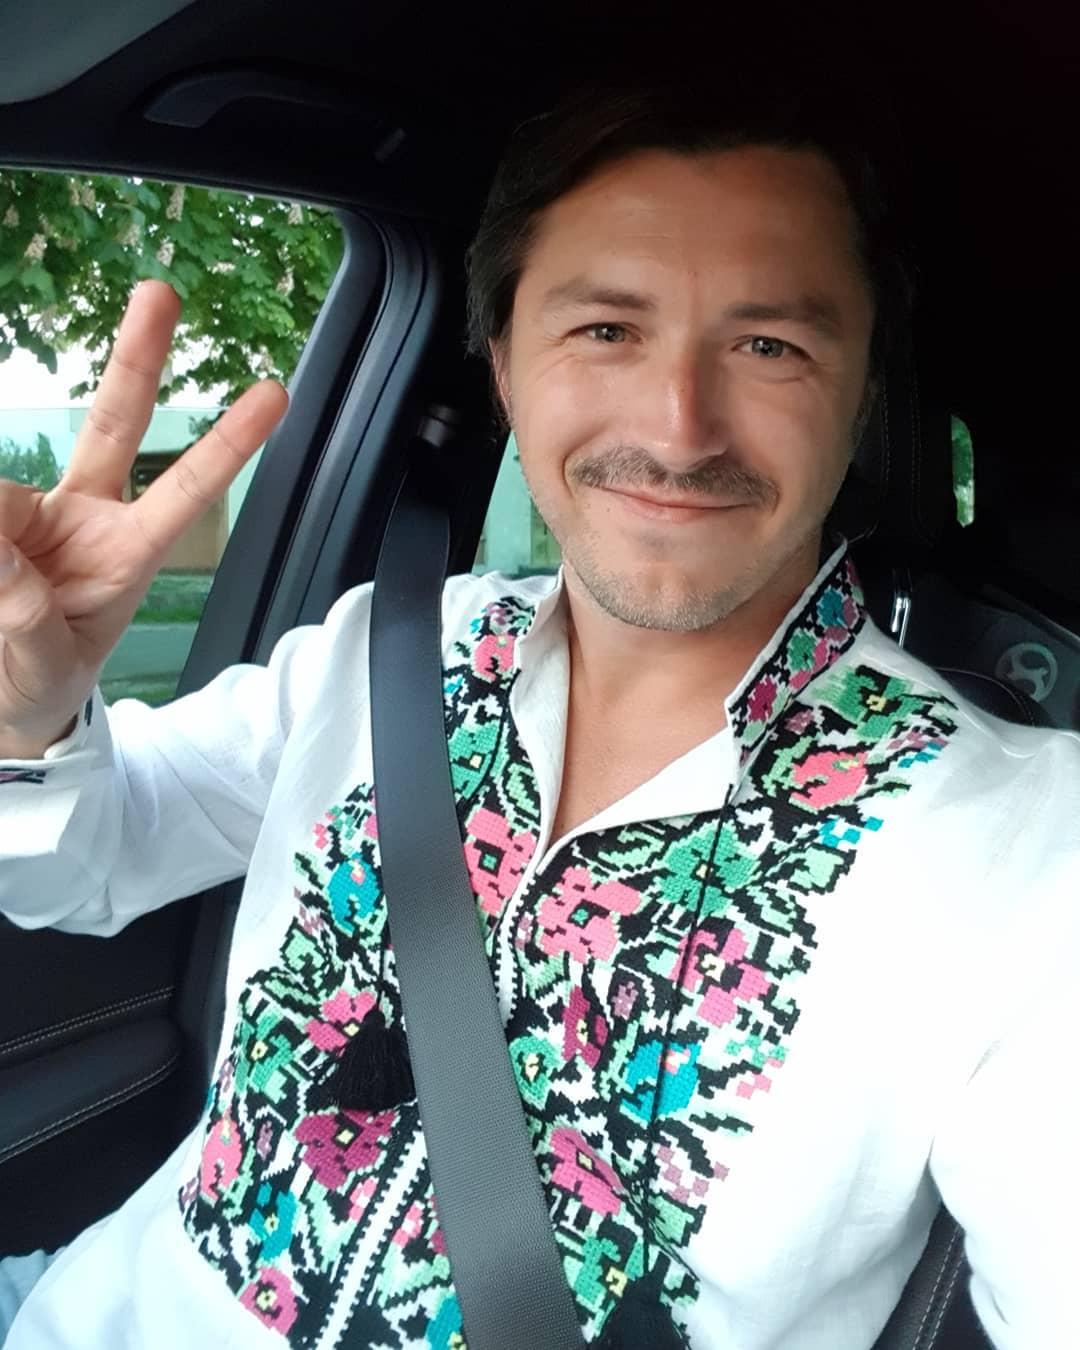 Сергей Притула поздравил украинцев с больничной койки